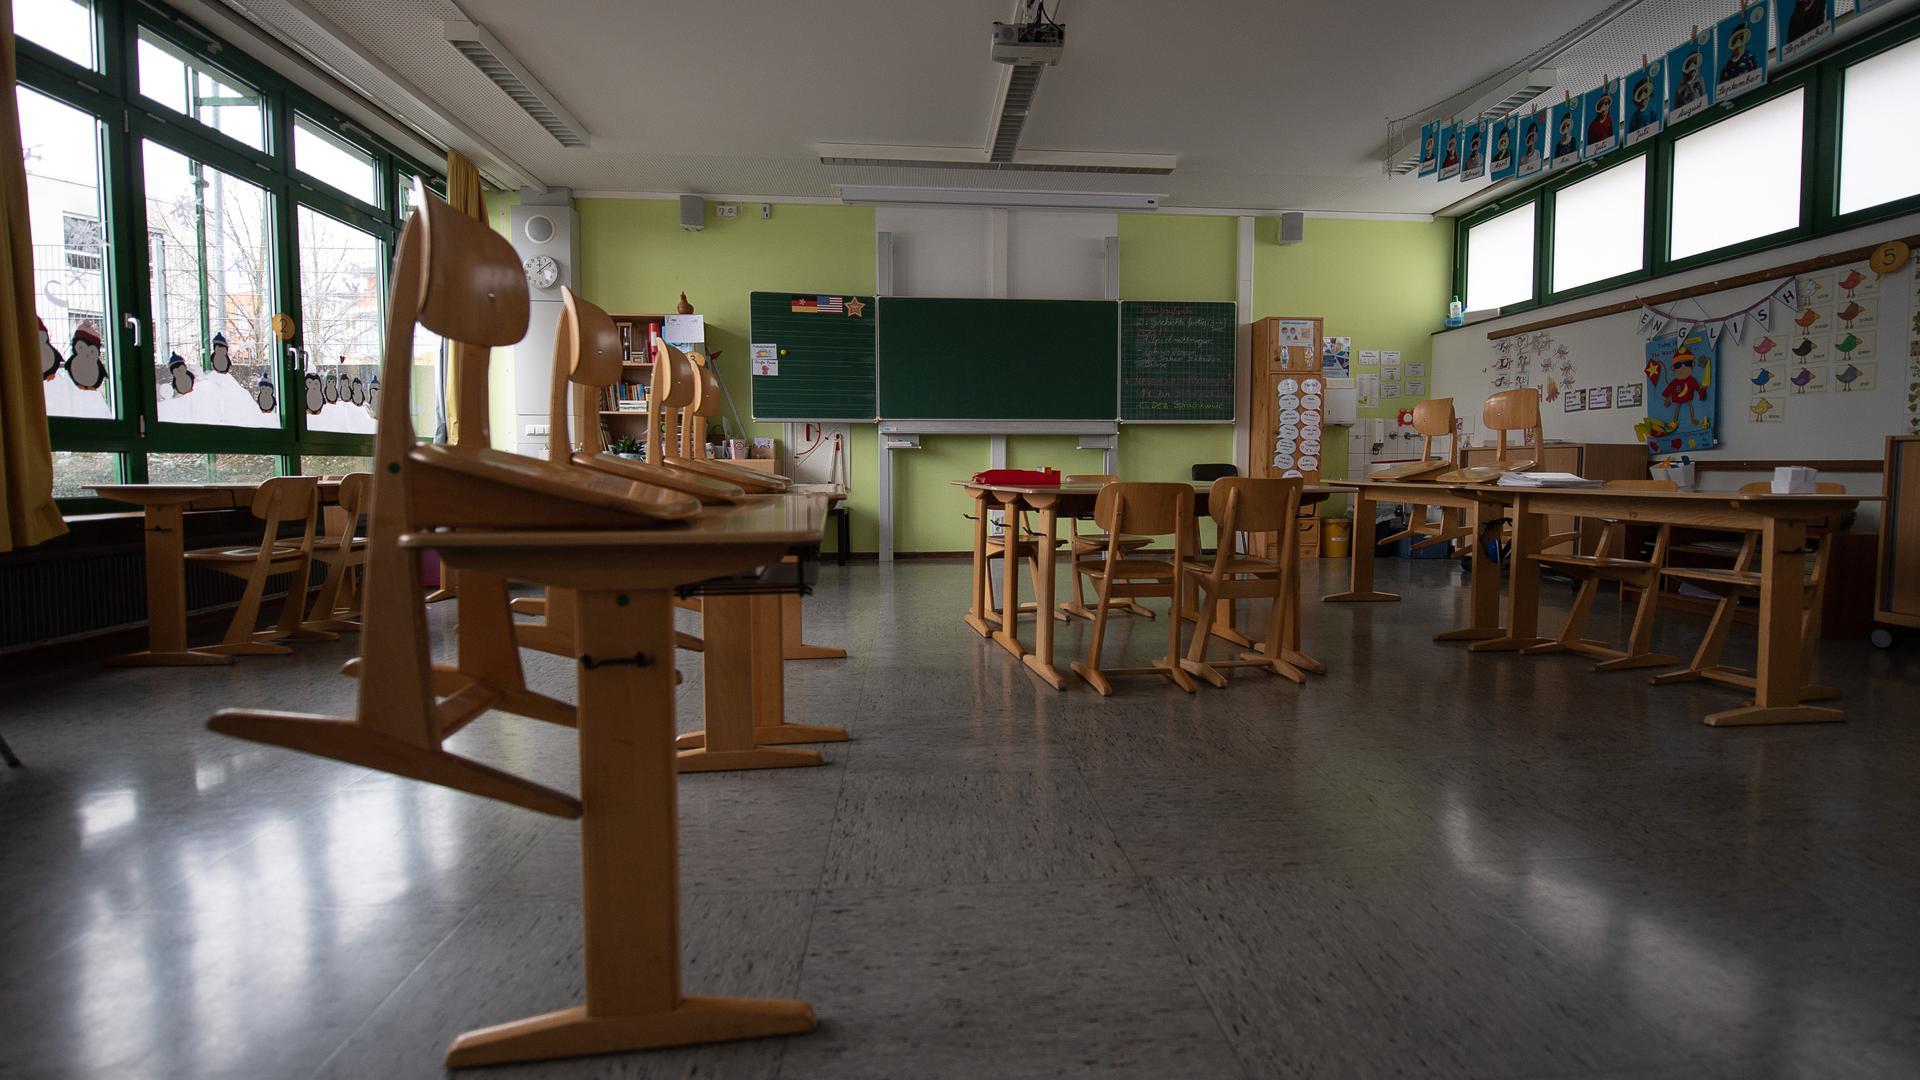 Ab dem 22. Februar soll in die noch leeren Klassenzimmer im Land wieder Leben zurückkehren.